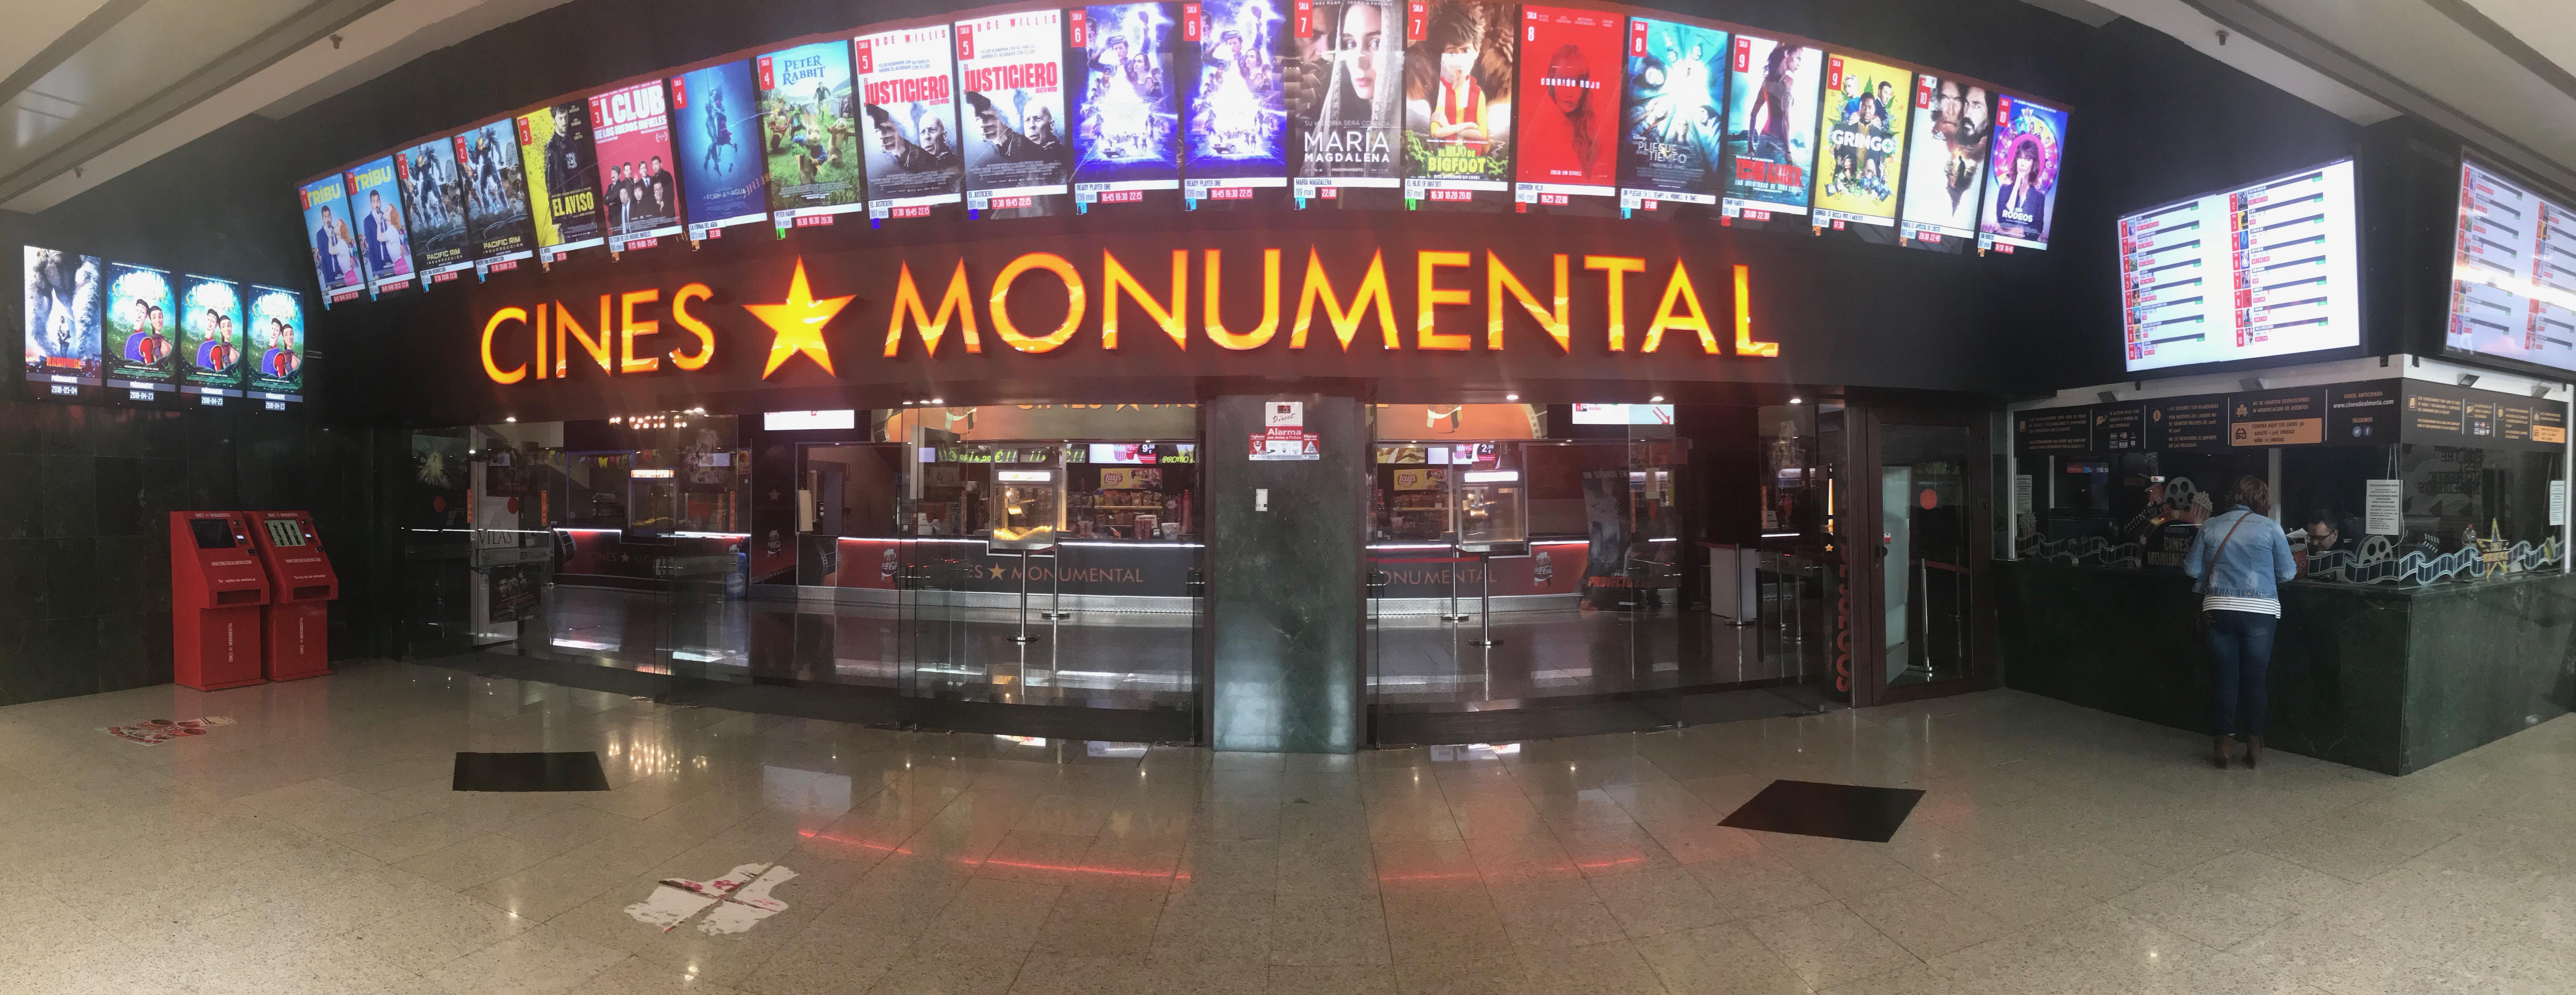 Cines Monumental Cines De Almeria